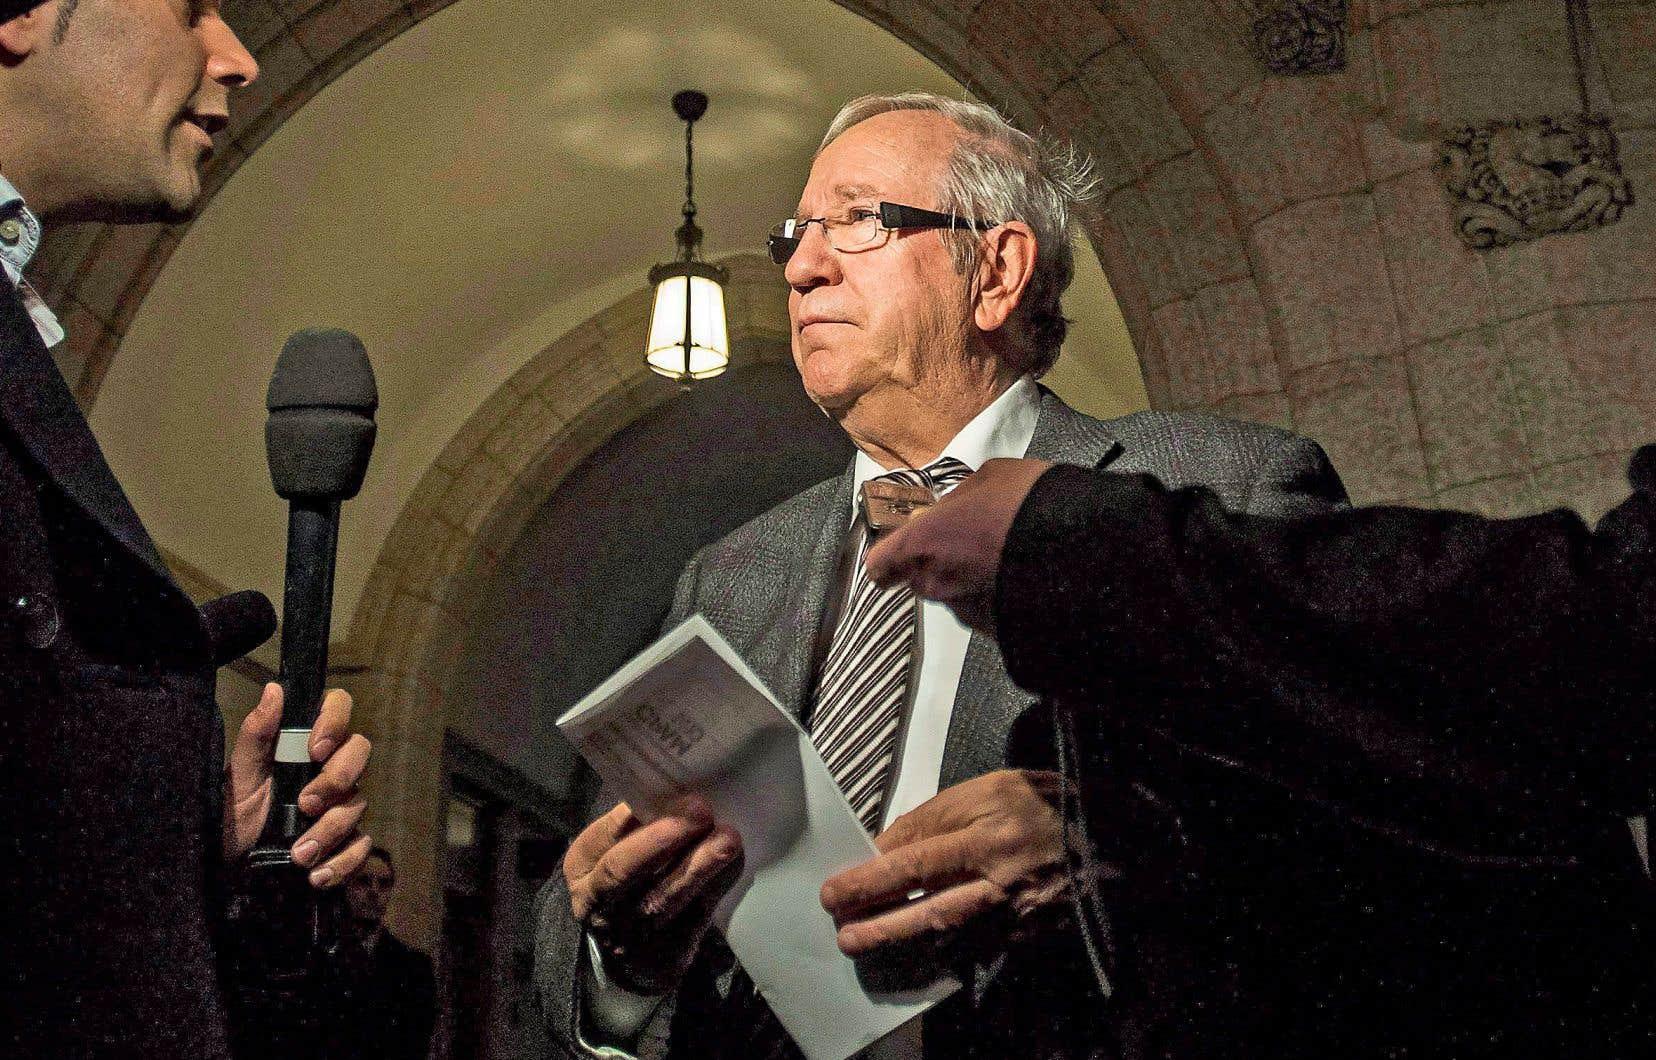 Le doyen des députés du Bloc québécois est au nombre des cinq députés démissionnaires qui non seulement n'ont pas réintégré le parti à la suite du départ de Martine Ouellet, mais ont même formé un nouveau parti, Québec debout.